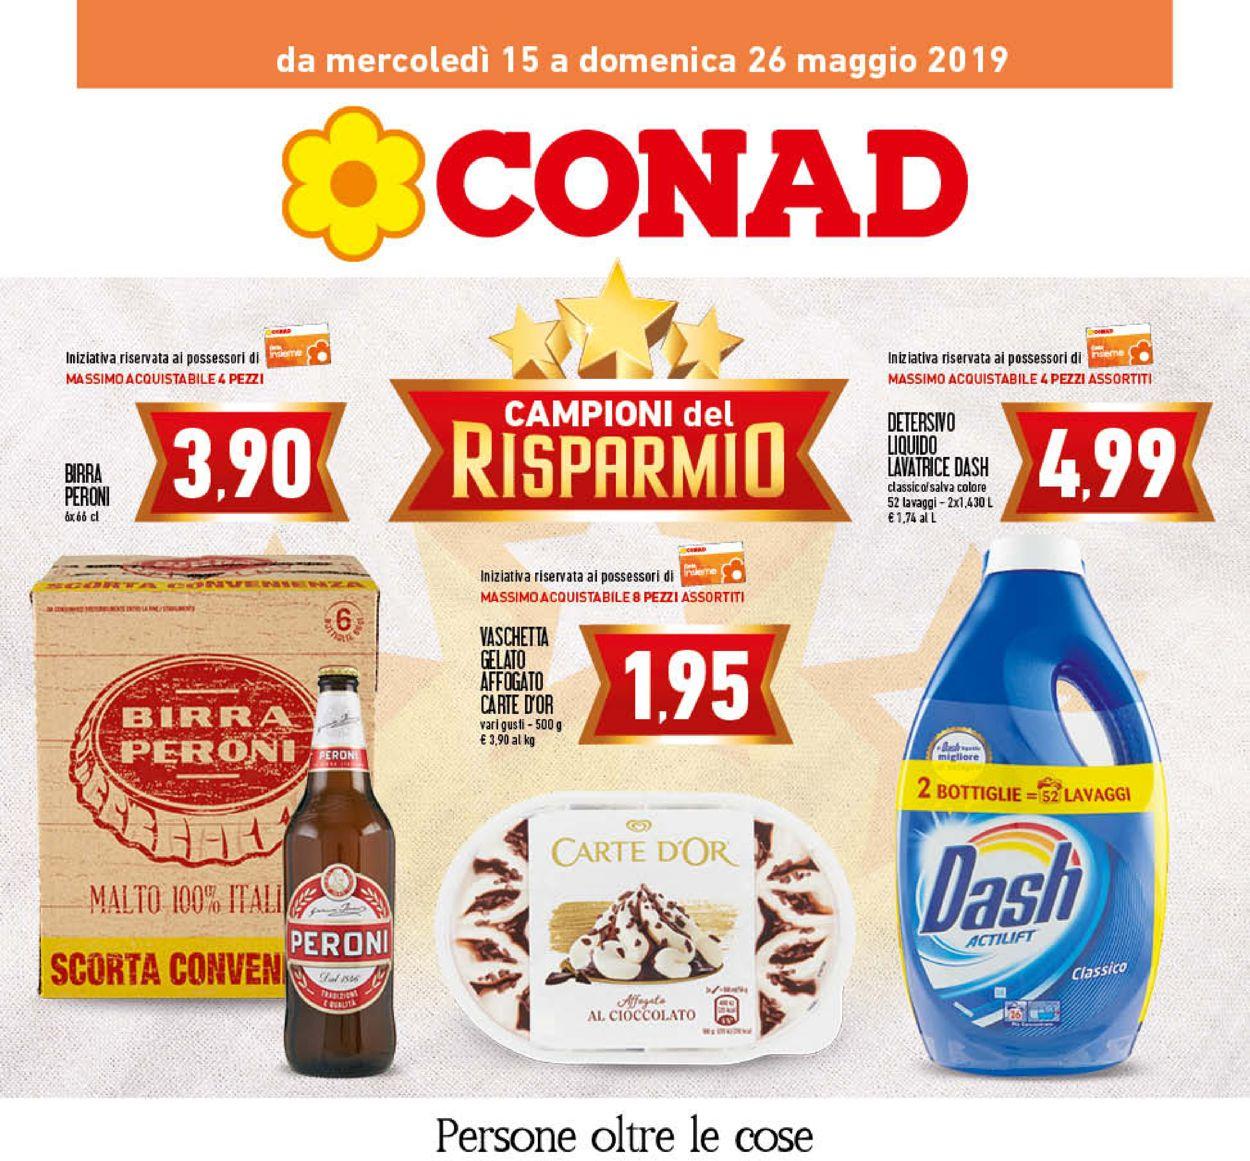 Volantino Conad - Offerte 15/05-26/05/2019